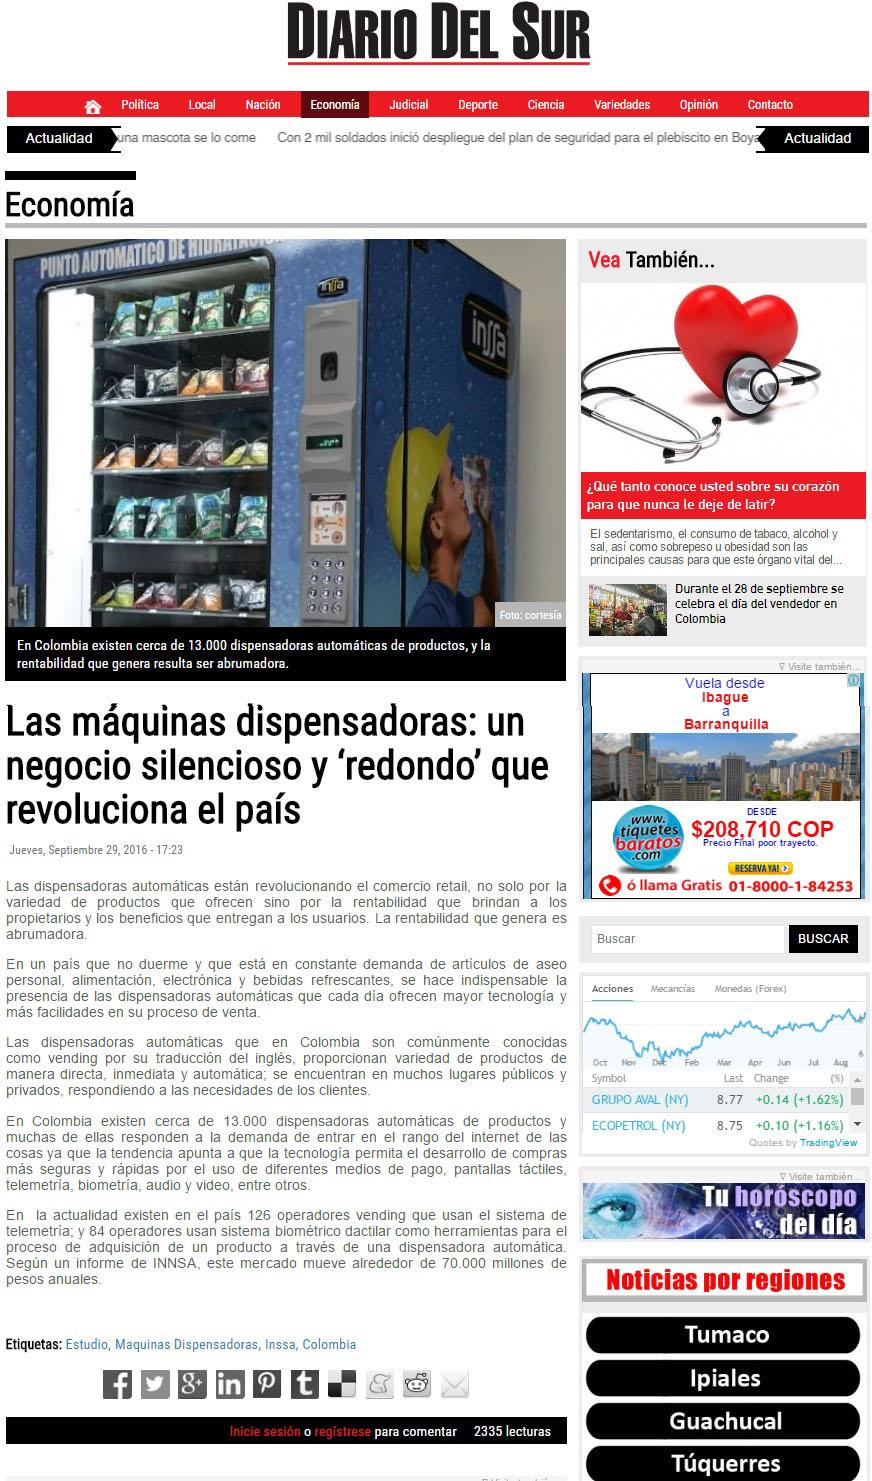 Copia de Diario del Sur